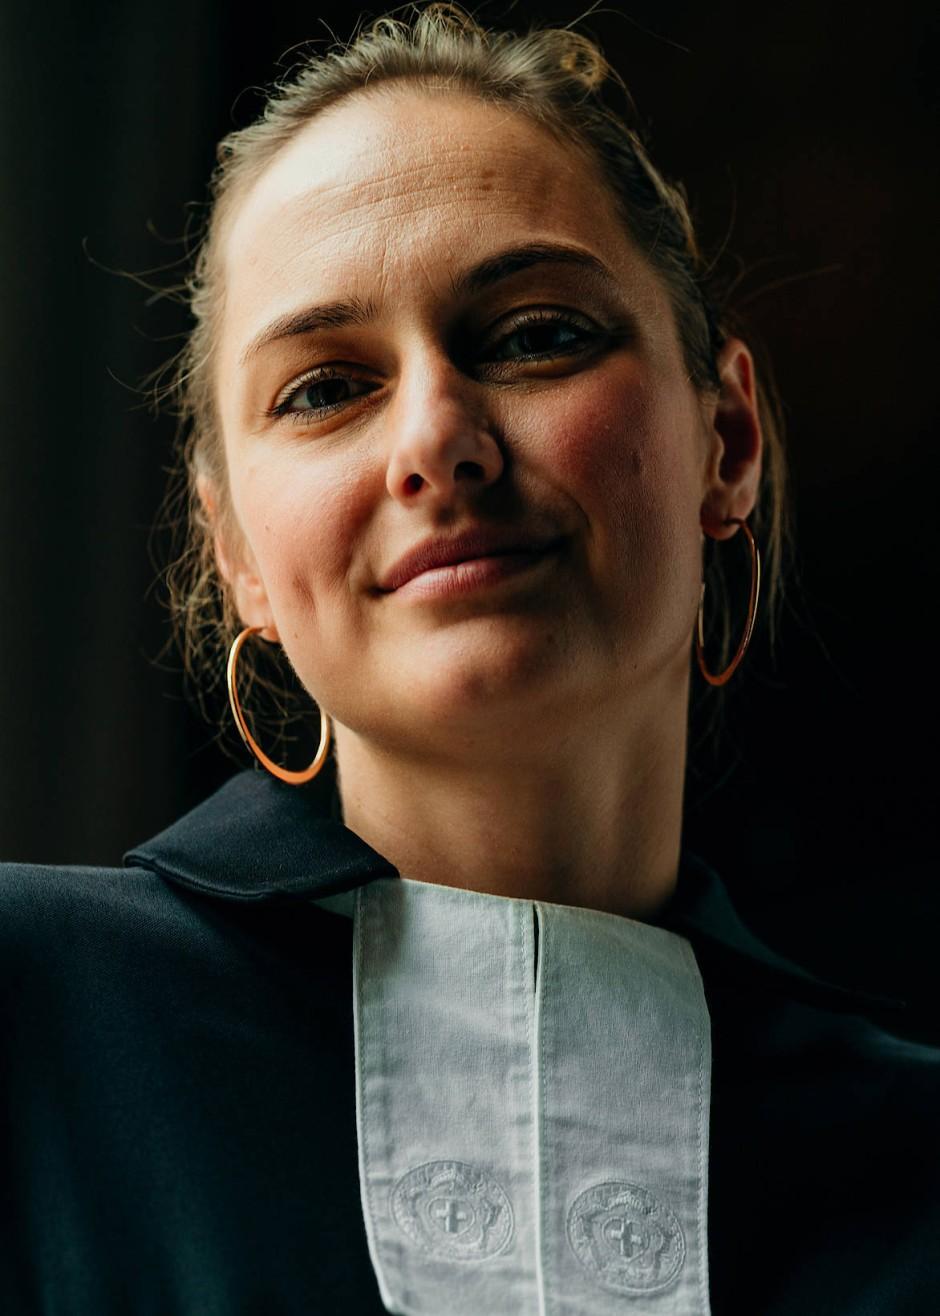 Josephine Teske, 32 Jahre, ist feministische Pastorin in Büdelsdorf in Schleswig-Holstein, sie bloggt und postet im Netz über christliche und persönliche Inhalte.